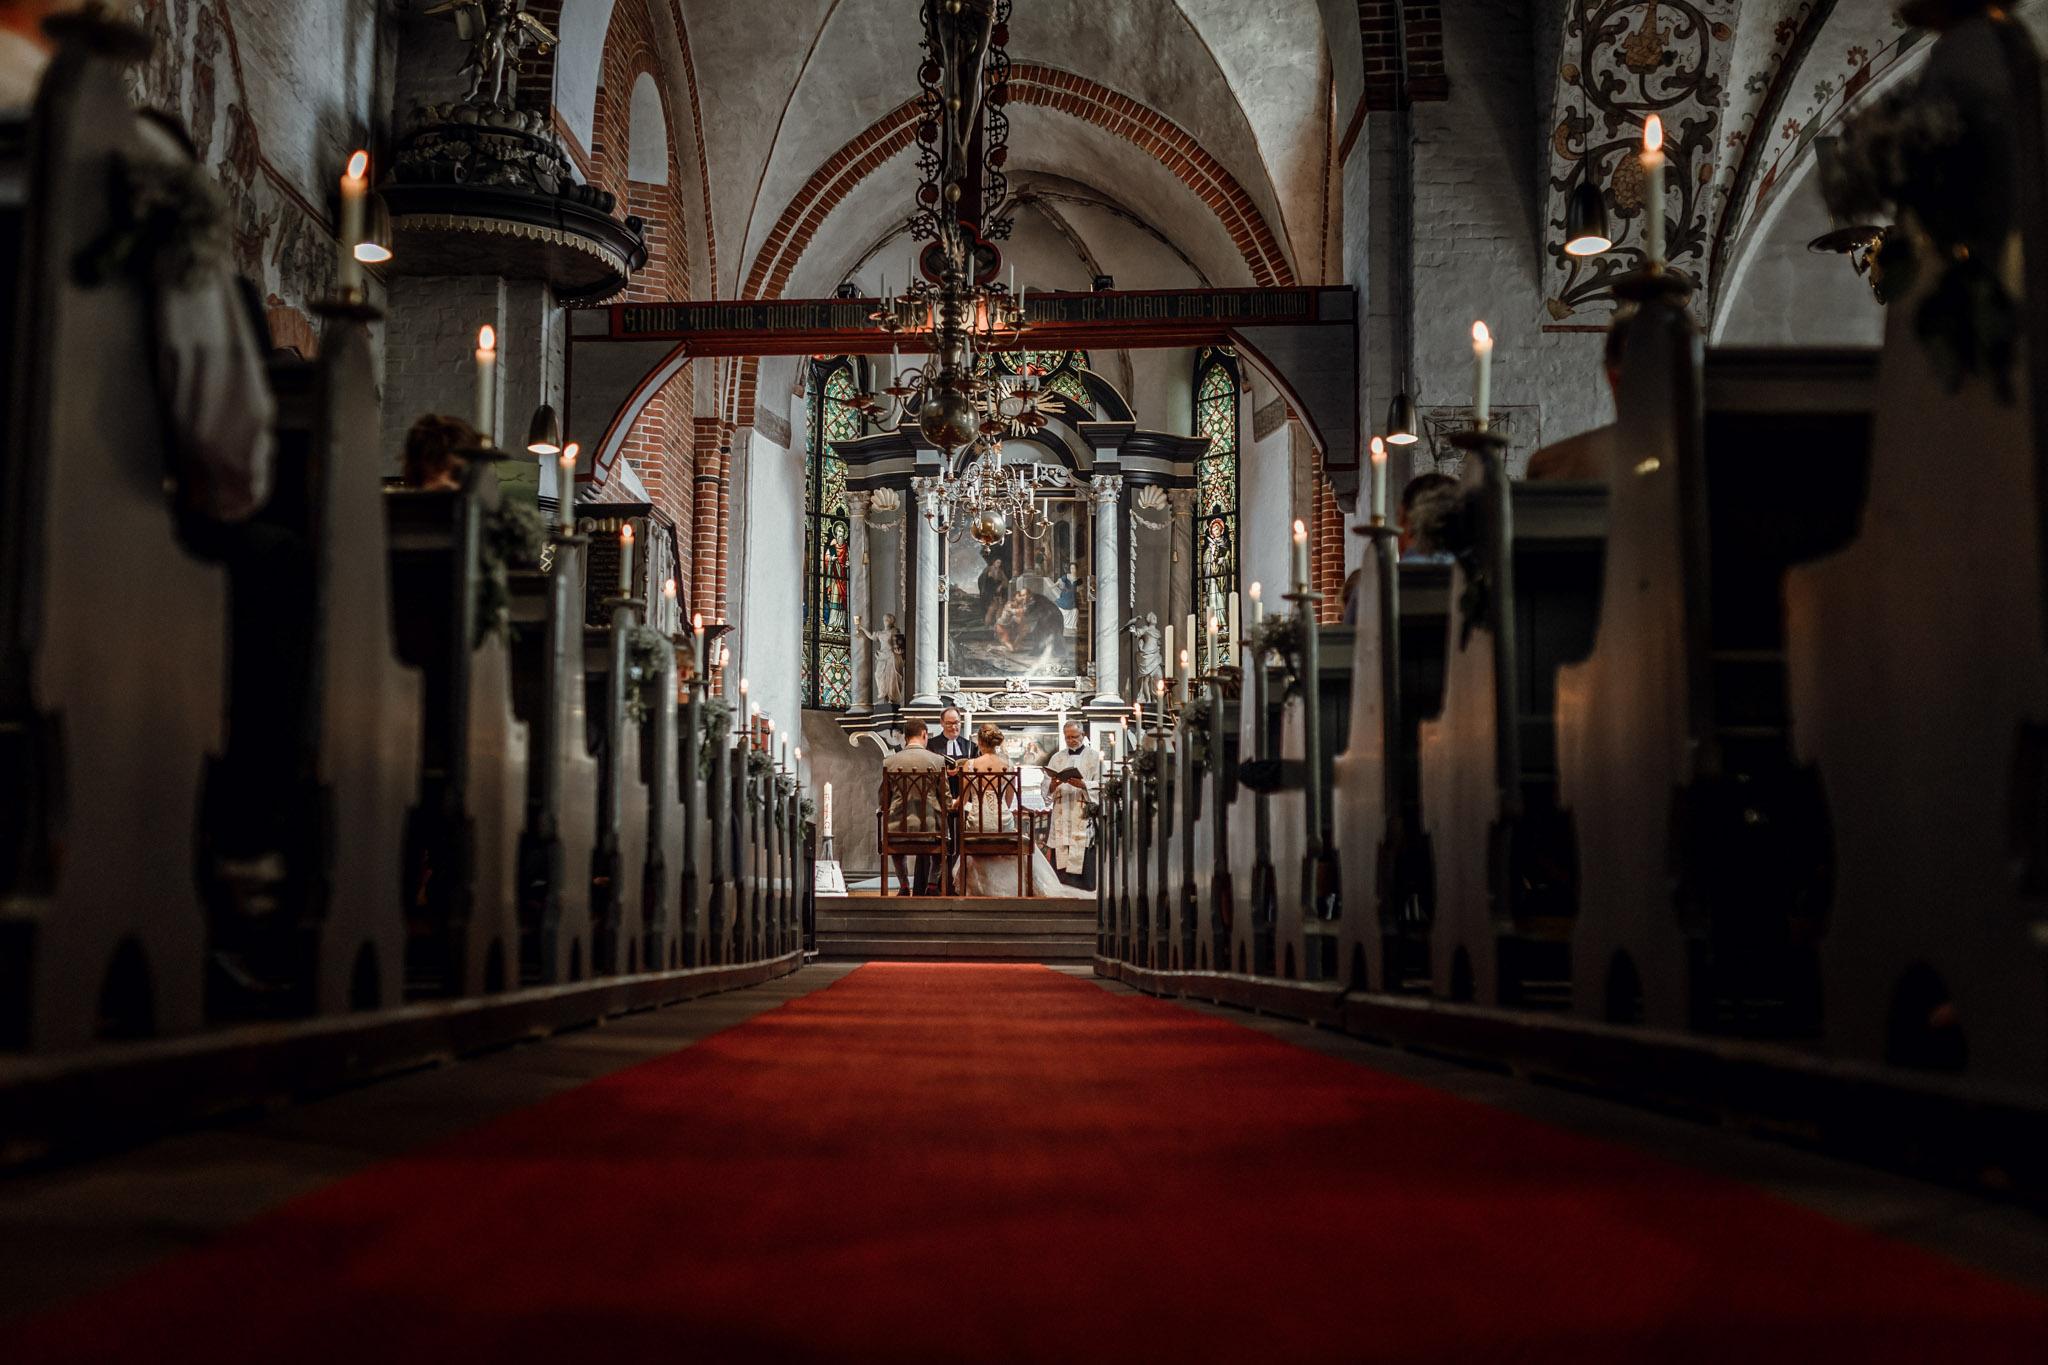 Sven Schomburg Hochzeitsfotografie, Hamburg, Mölln, Hochzeitsfieber by Photo-Schomburg, Hochzeitsreportage, Forsthaus Waldhusen, Braut, Bräutigam-32